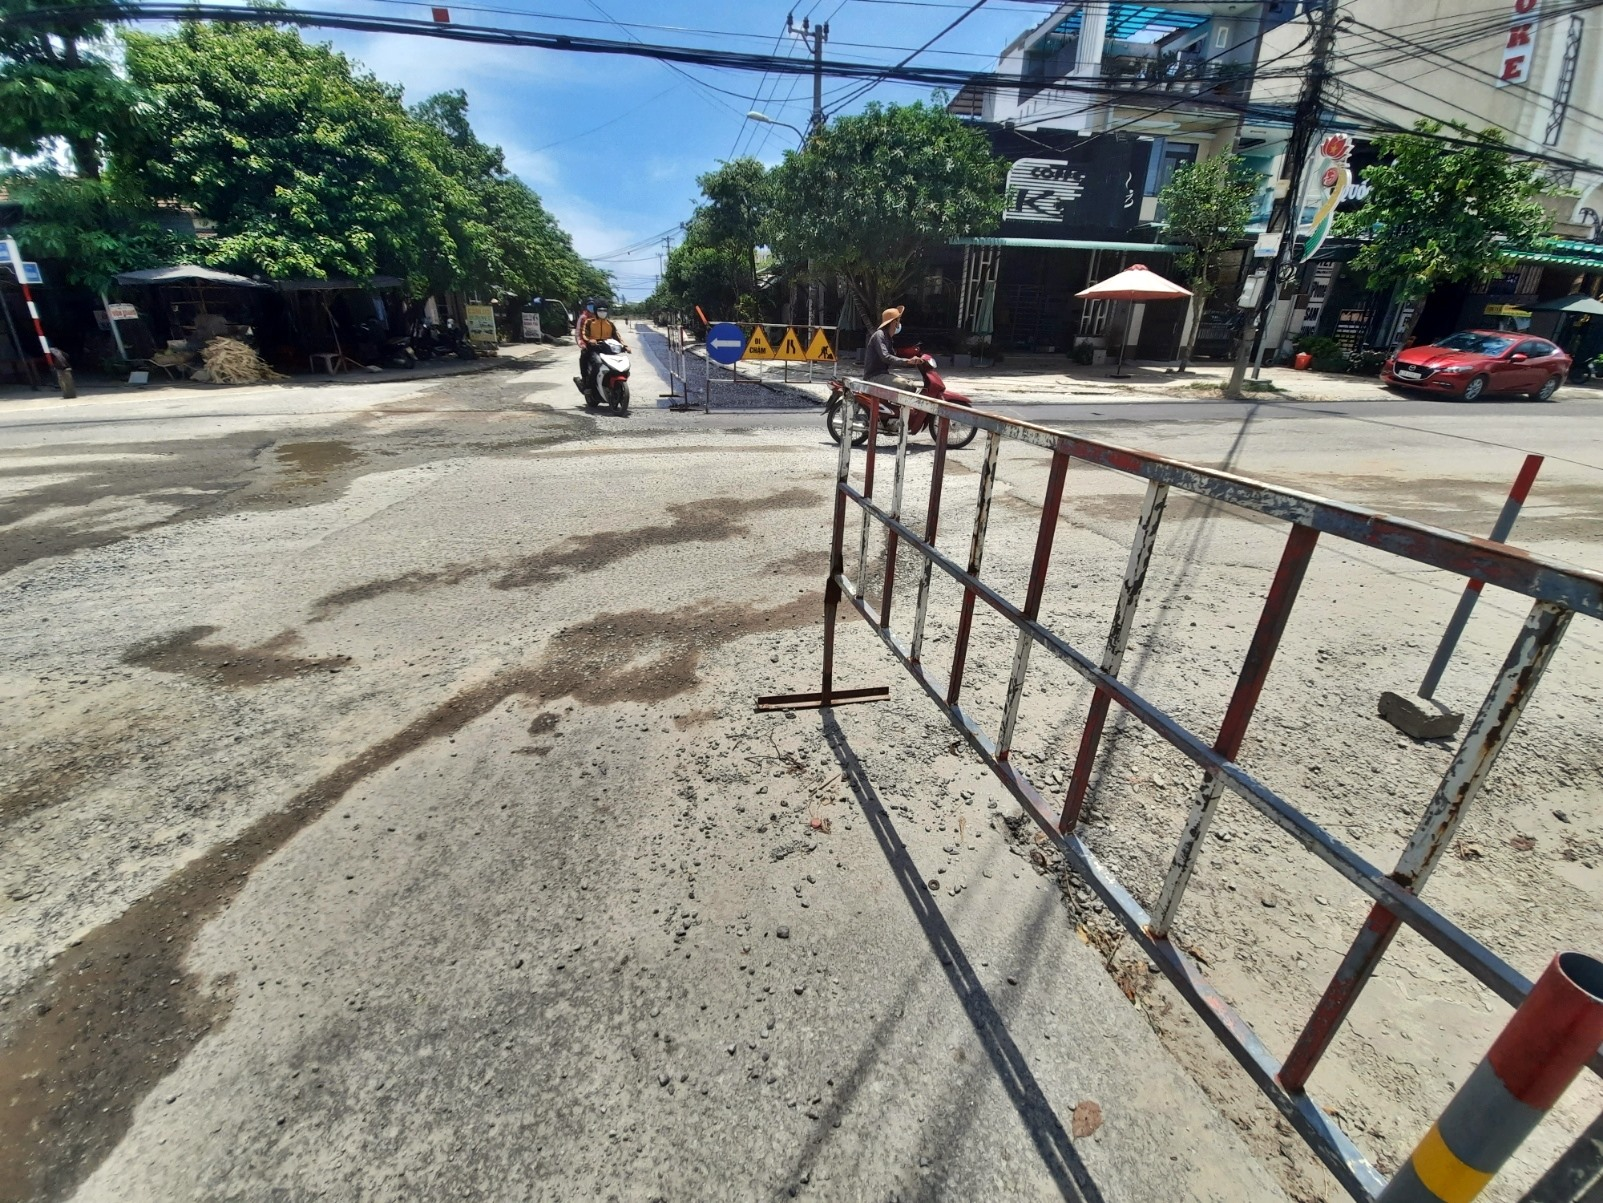 Dù đã triển khai từ khoảng tháng 5.2020 đến nay, nhưng Dự án hệ thống thoát nước và vệ sinh môi trường đô thị huyện Núi Thành vẫn chưa hoàn thành. Ảnh: H.Đ